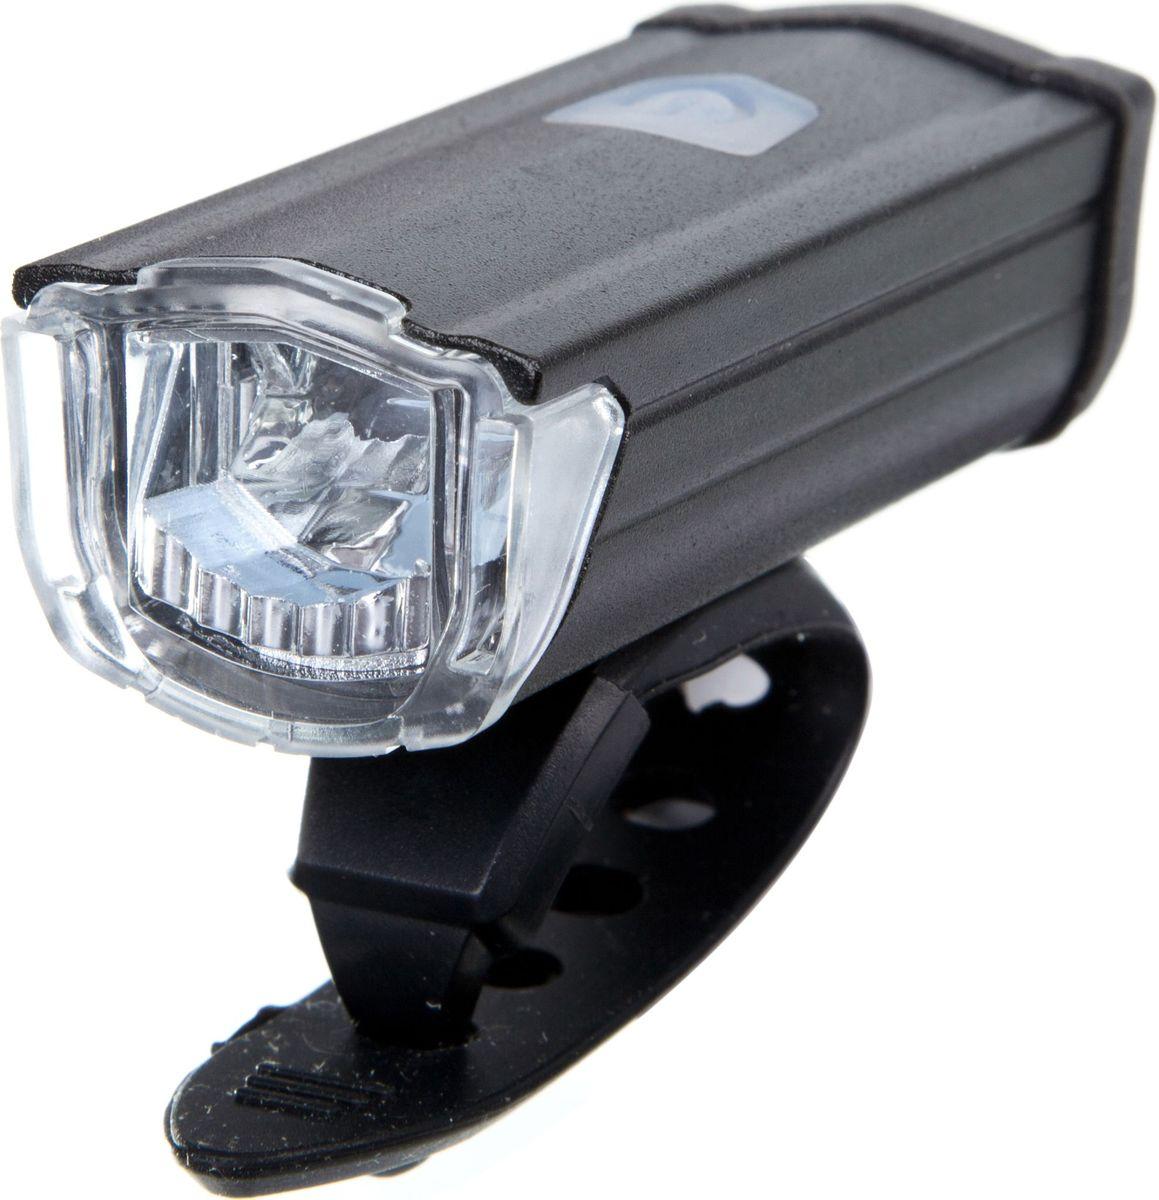 Фонарь велосипедный STG JY7040, передний, USB, 3.7V/550mAh, цвет: черный7292Легкий и компактный передний фонарь в алюминиевом корпусе с USB зарядкой. Экономичное потребление энергии для долгой работы. Встроенный аккумулятор 3.7V/550mAh.